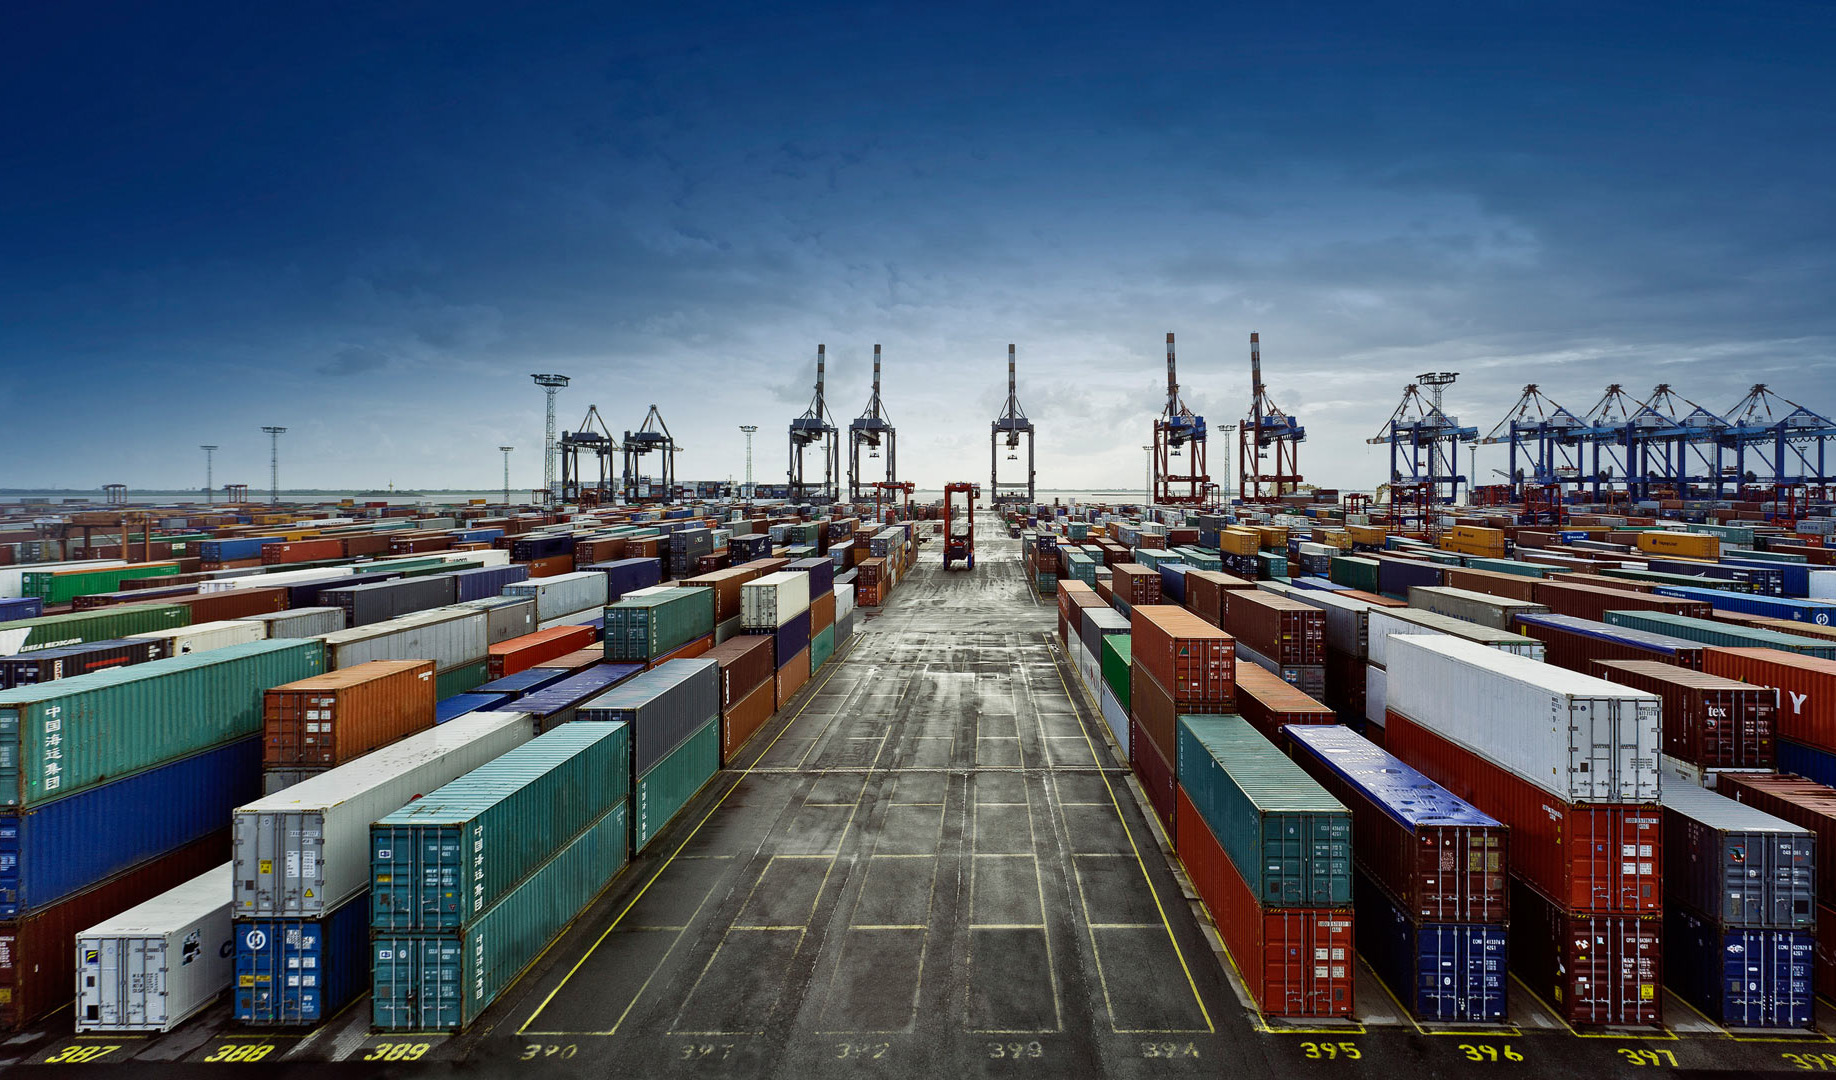 تسهیل فرآیندهای واردات و صادرات با ۱۱ اقدام گمرک